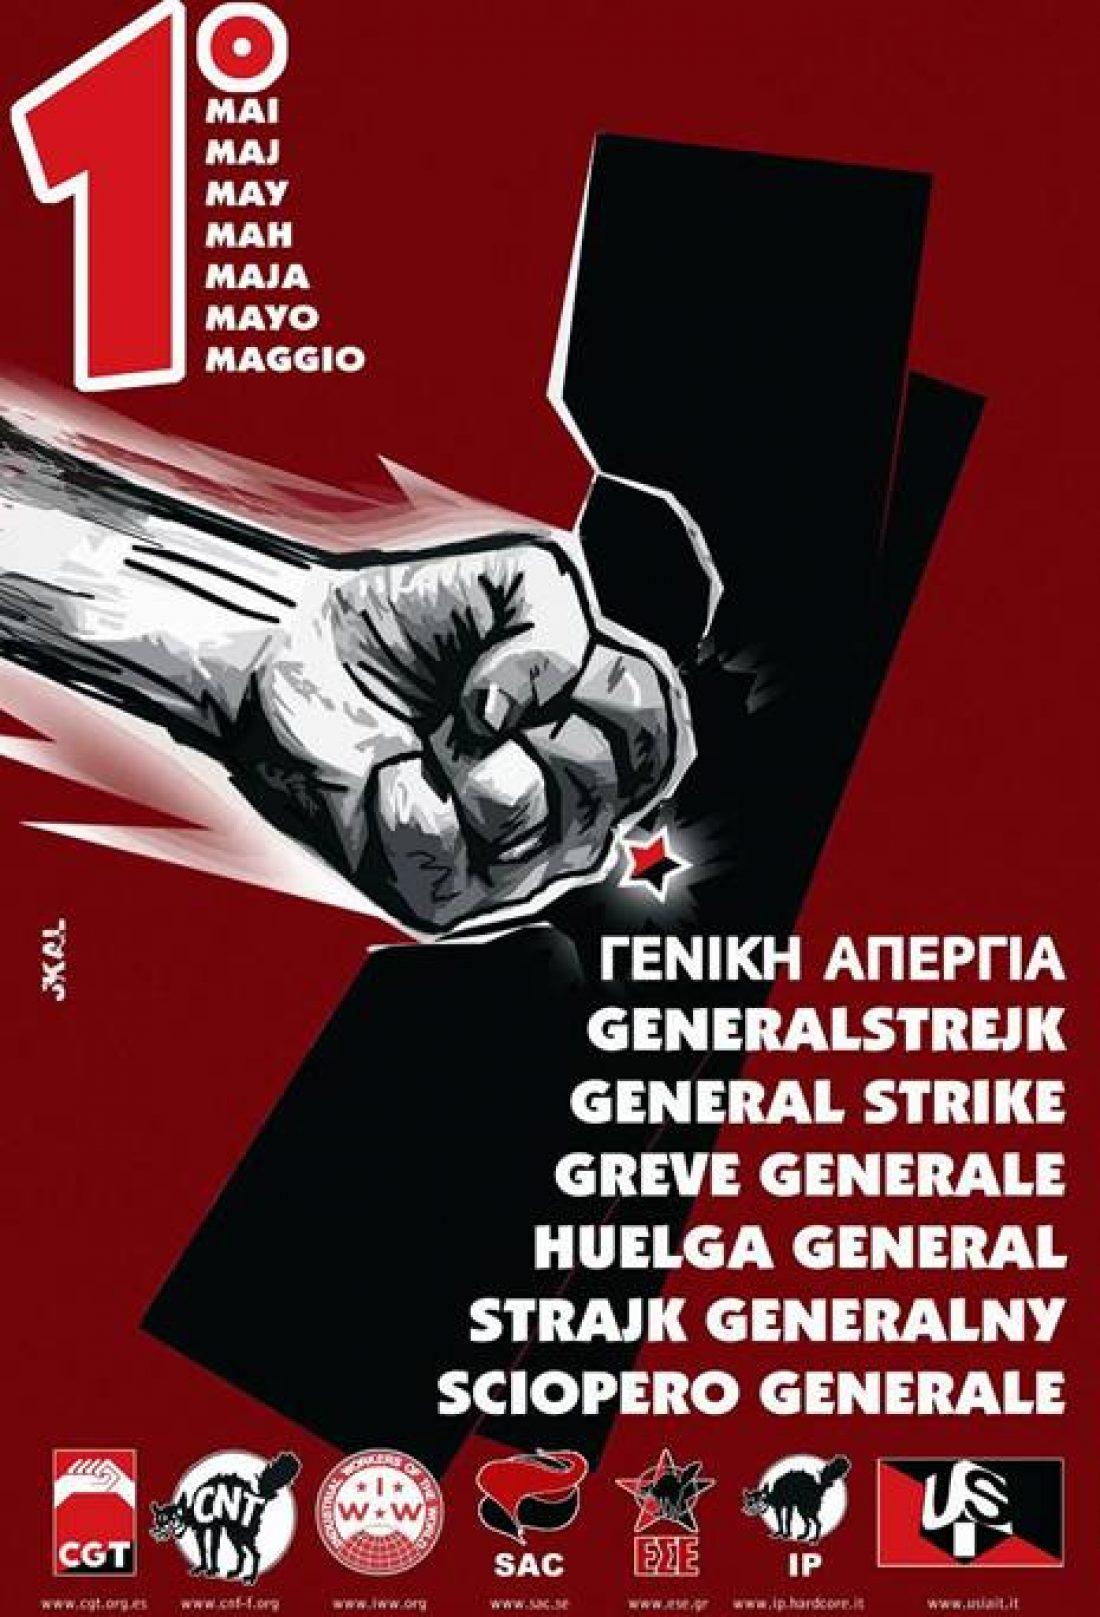 Cartel Primero de Mayo 2009 Internacional